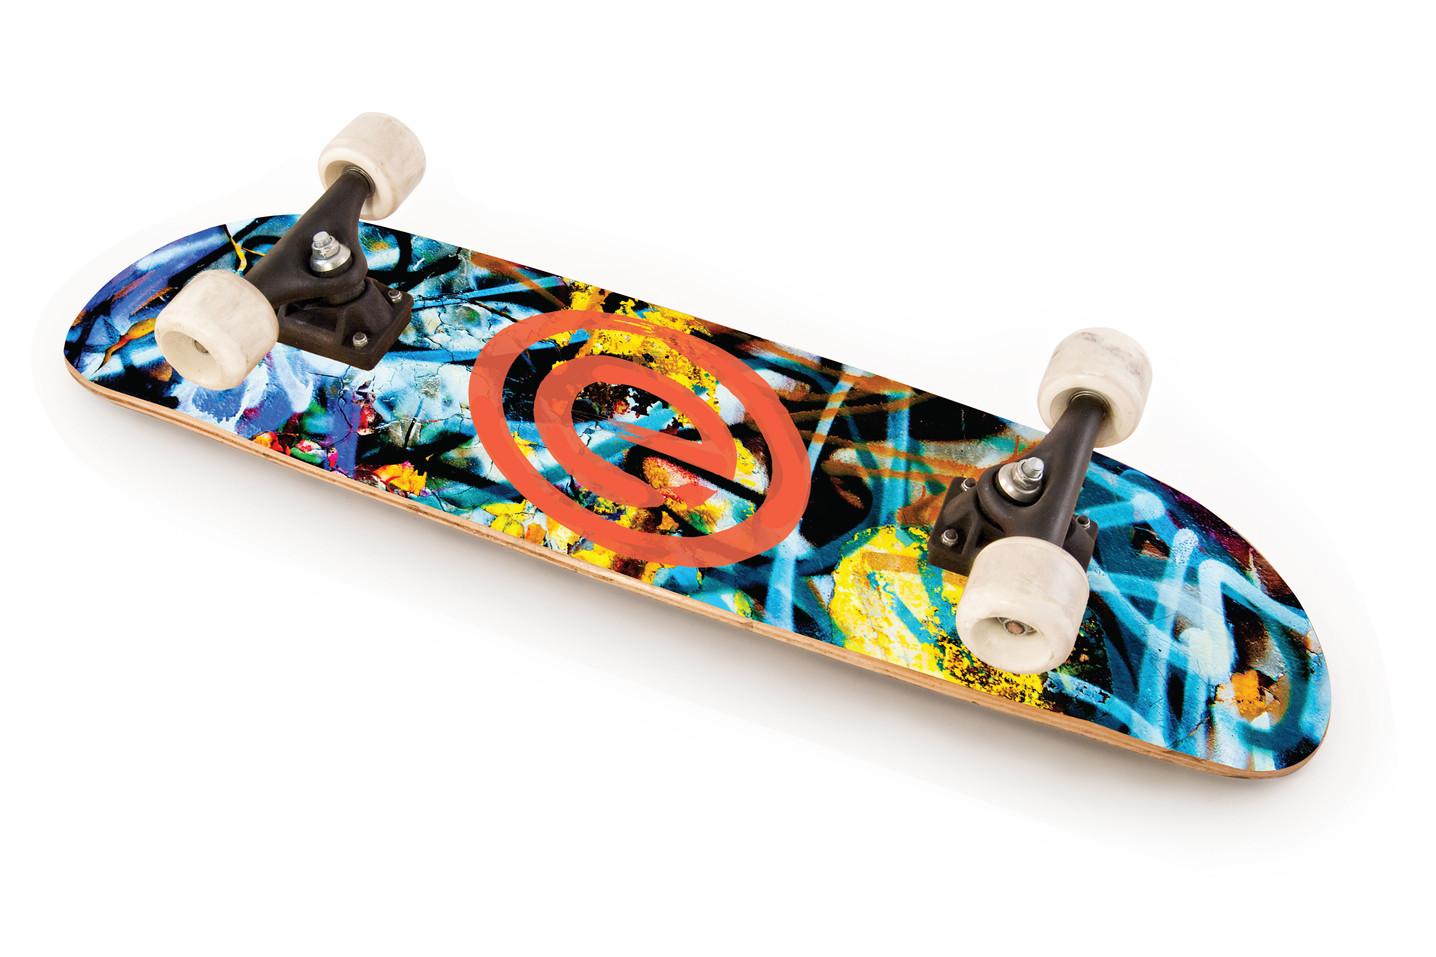 Overedge Skateboard Graffiti